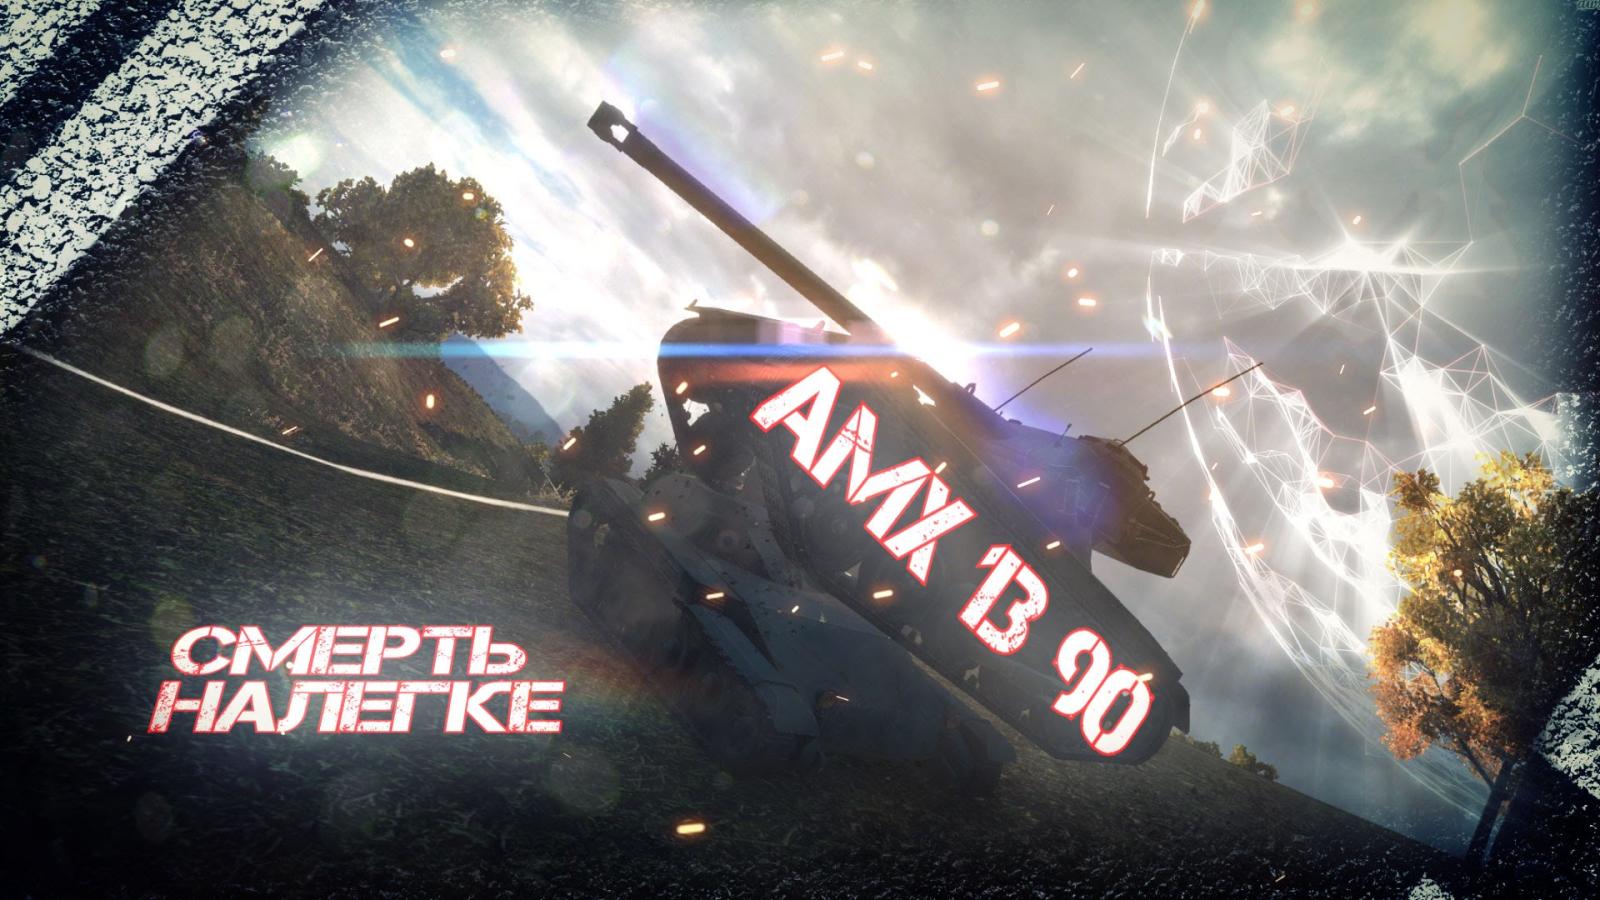 Не большой Гайд по Светляку Французу AMX 13 90